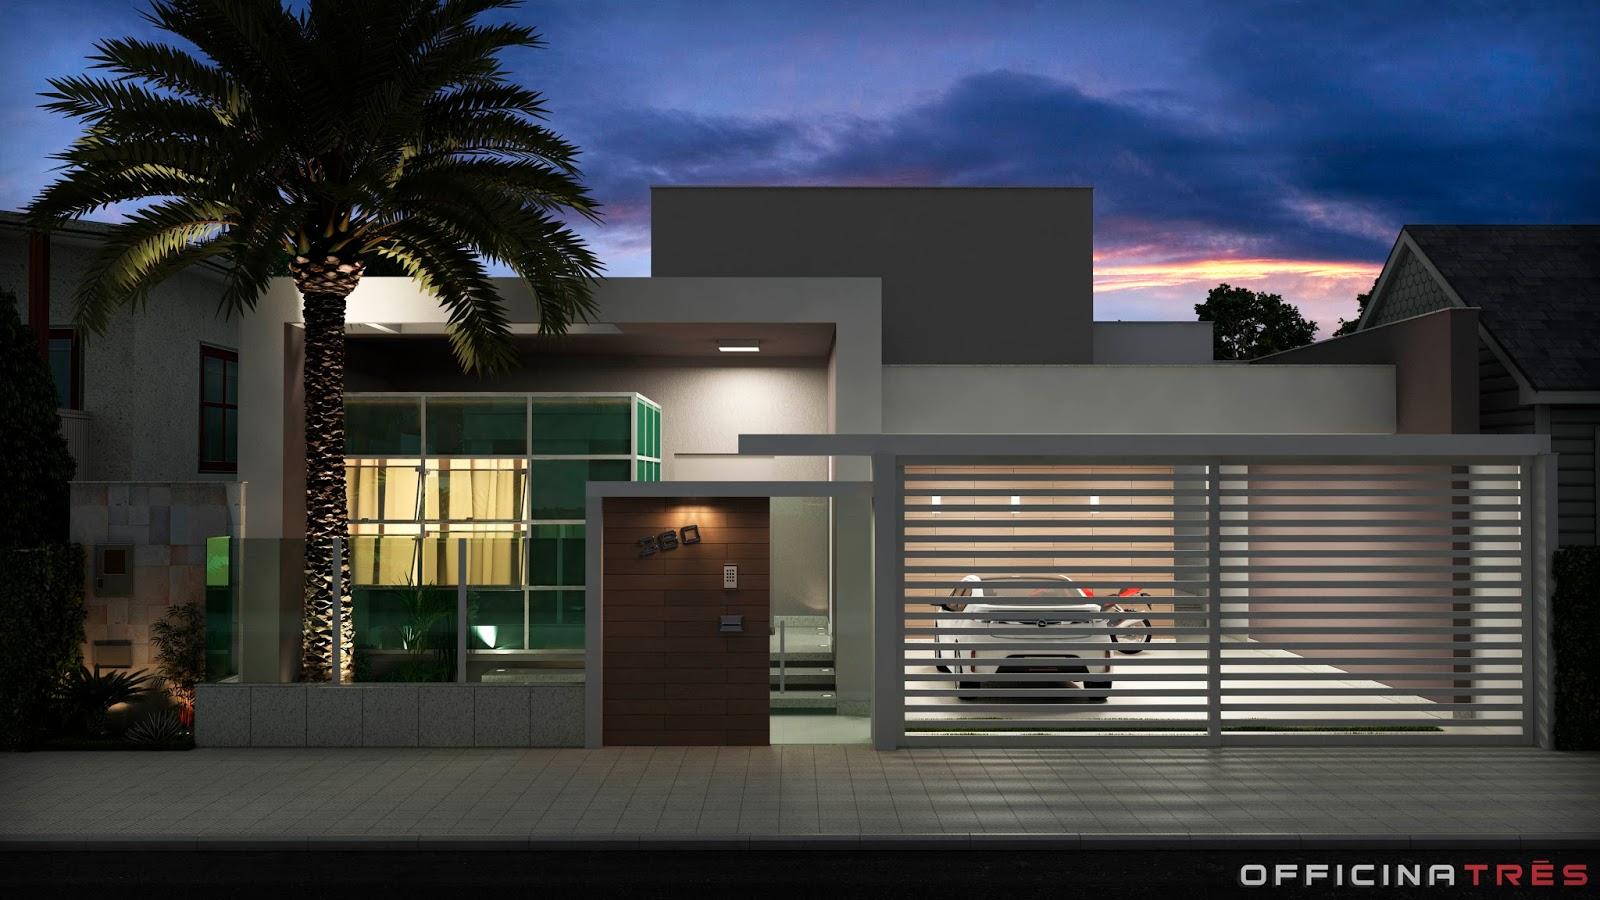 Modelos de casas modernas geralmente são associados a casas chiques